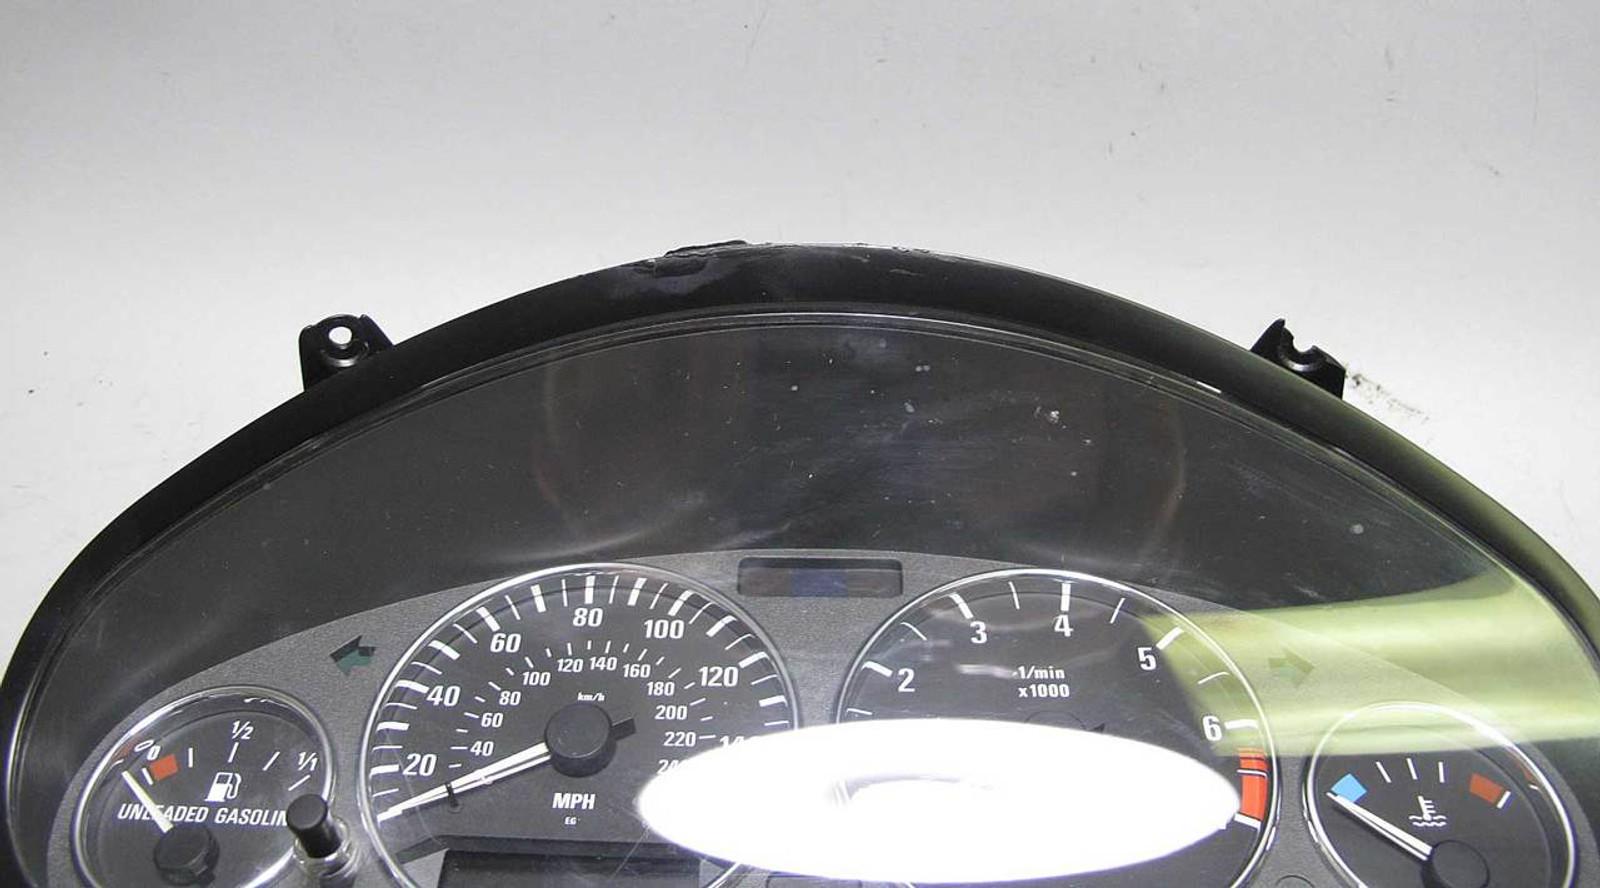 1996 1998 Bmw Z3 19 Roadster 4 Cyl Instrument Gauge Cluster Chrome Engine Diagram